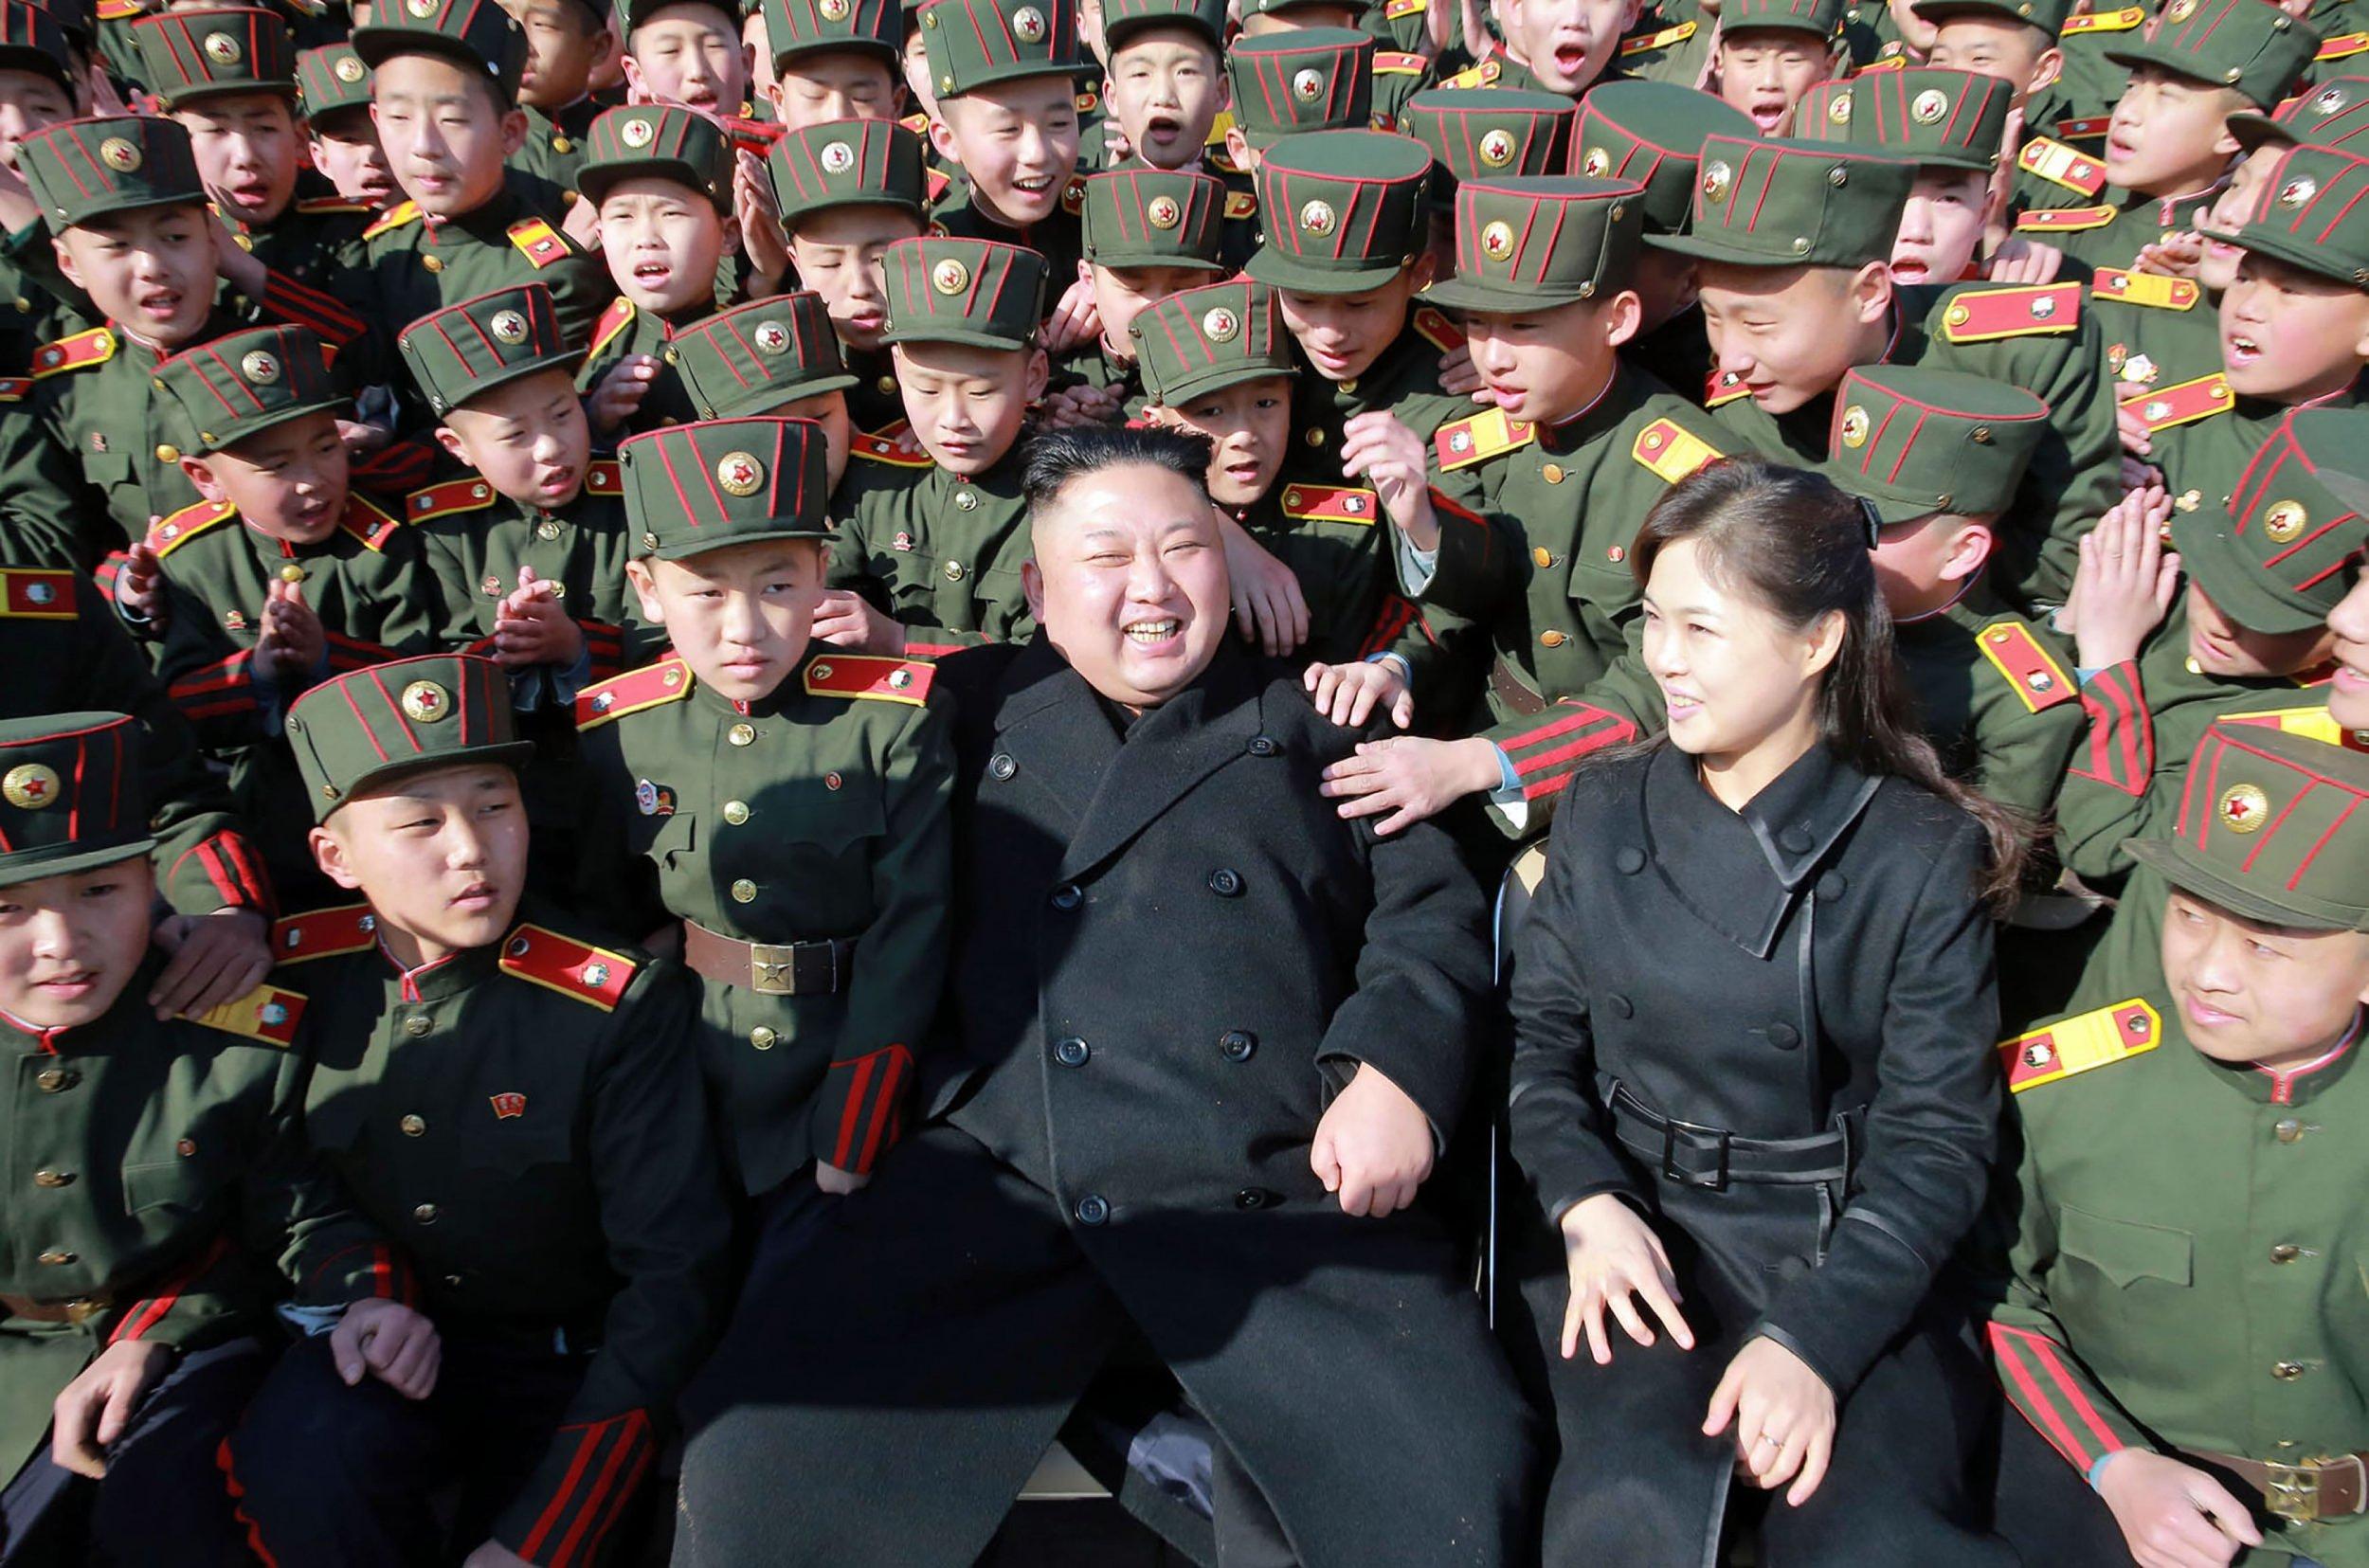 12_12_Kim Jong Un_children